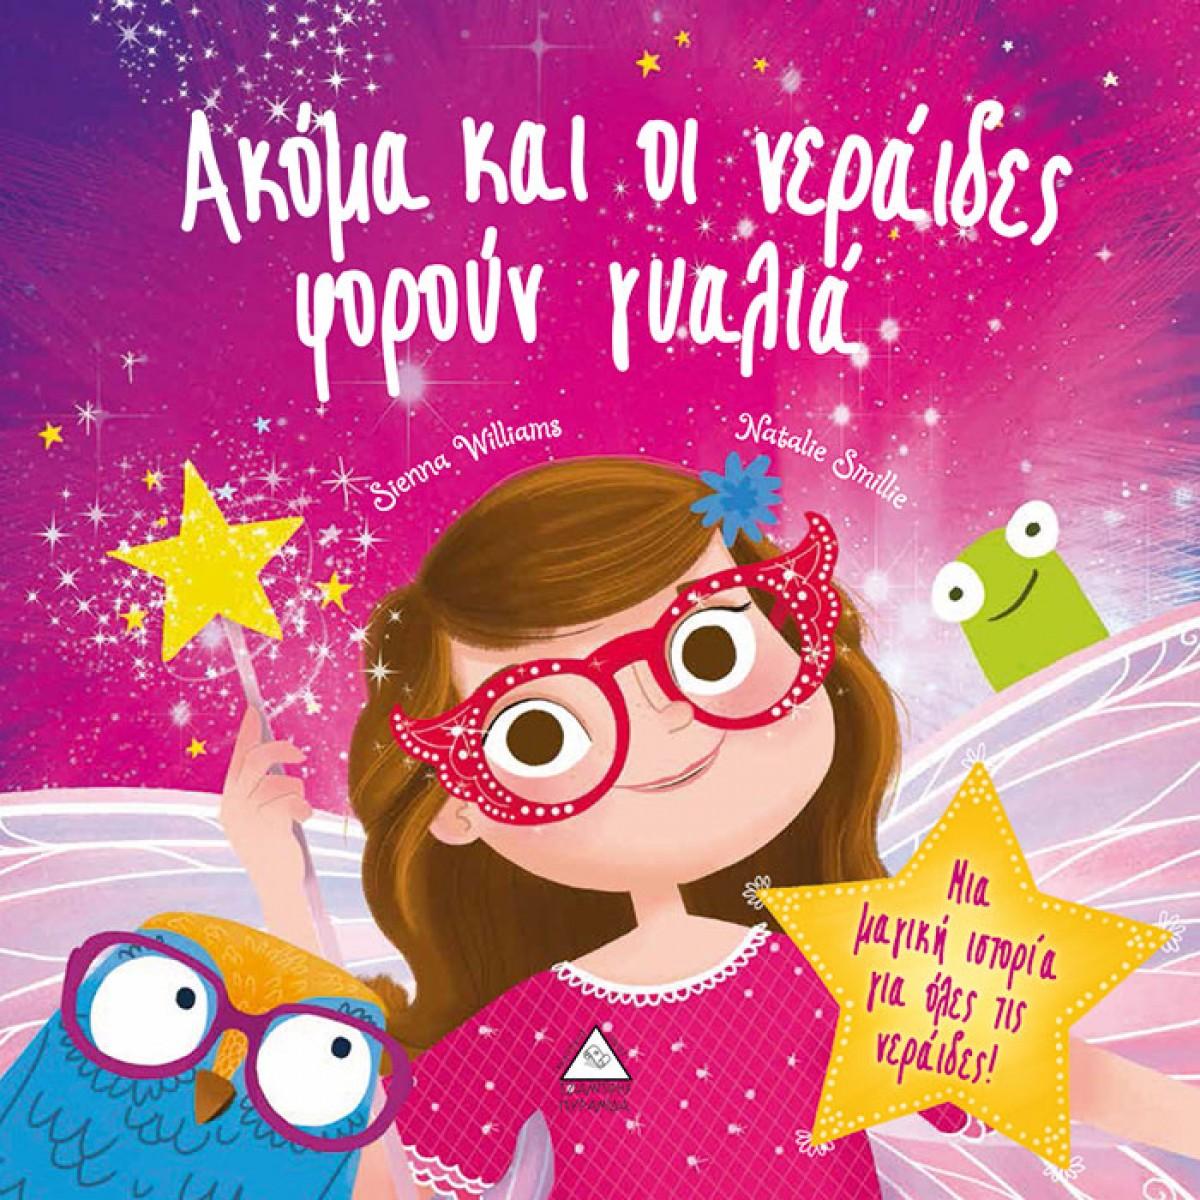 ΑΚΟΜΑ ΚΑΙ ΟΙ ΝΕΡΑΙΔΕΣ ΦΟΡΟΥΝ ΓΥΑΛΙΑ Παιδικά Βιβλία